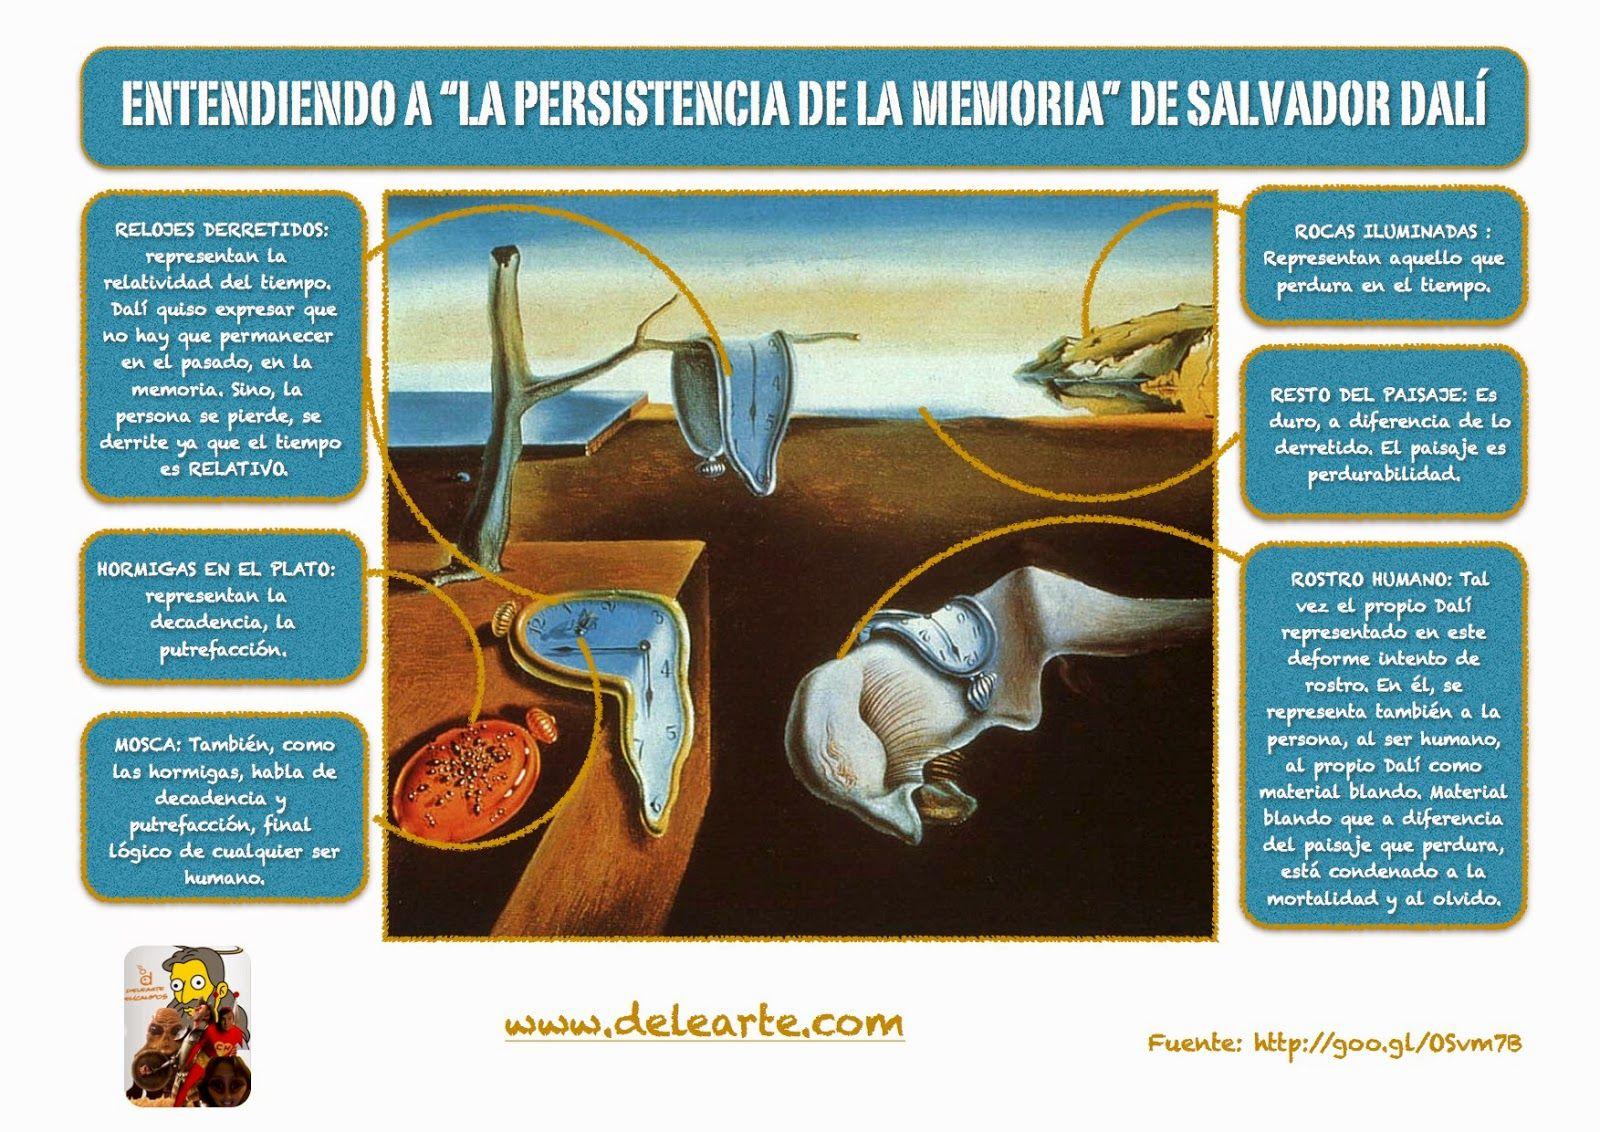 Entendiendo a La persistencia de la memoria de Salvador Dalí ...